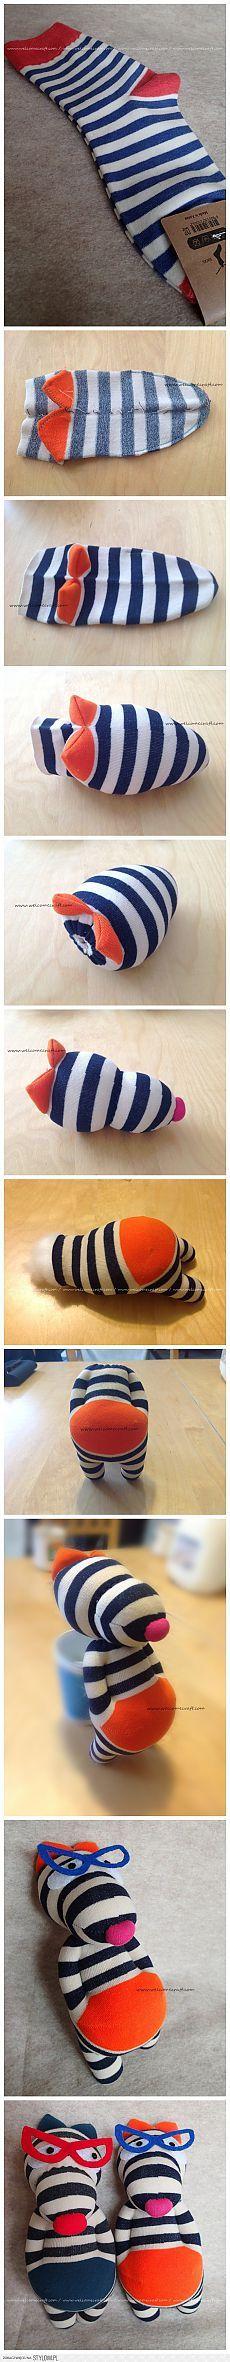 прикольная игрушка из носков                                                                                                                                                                                 More